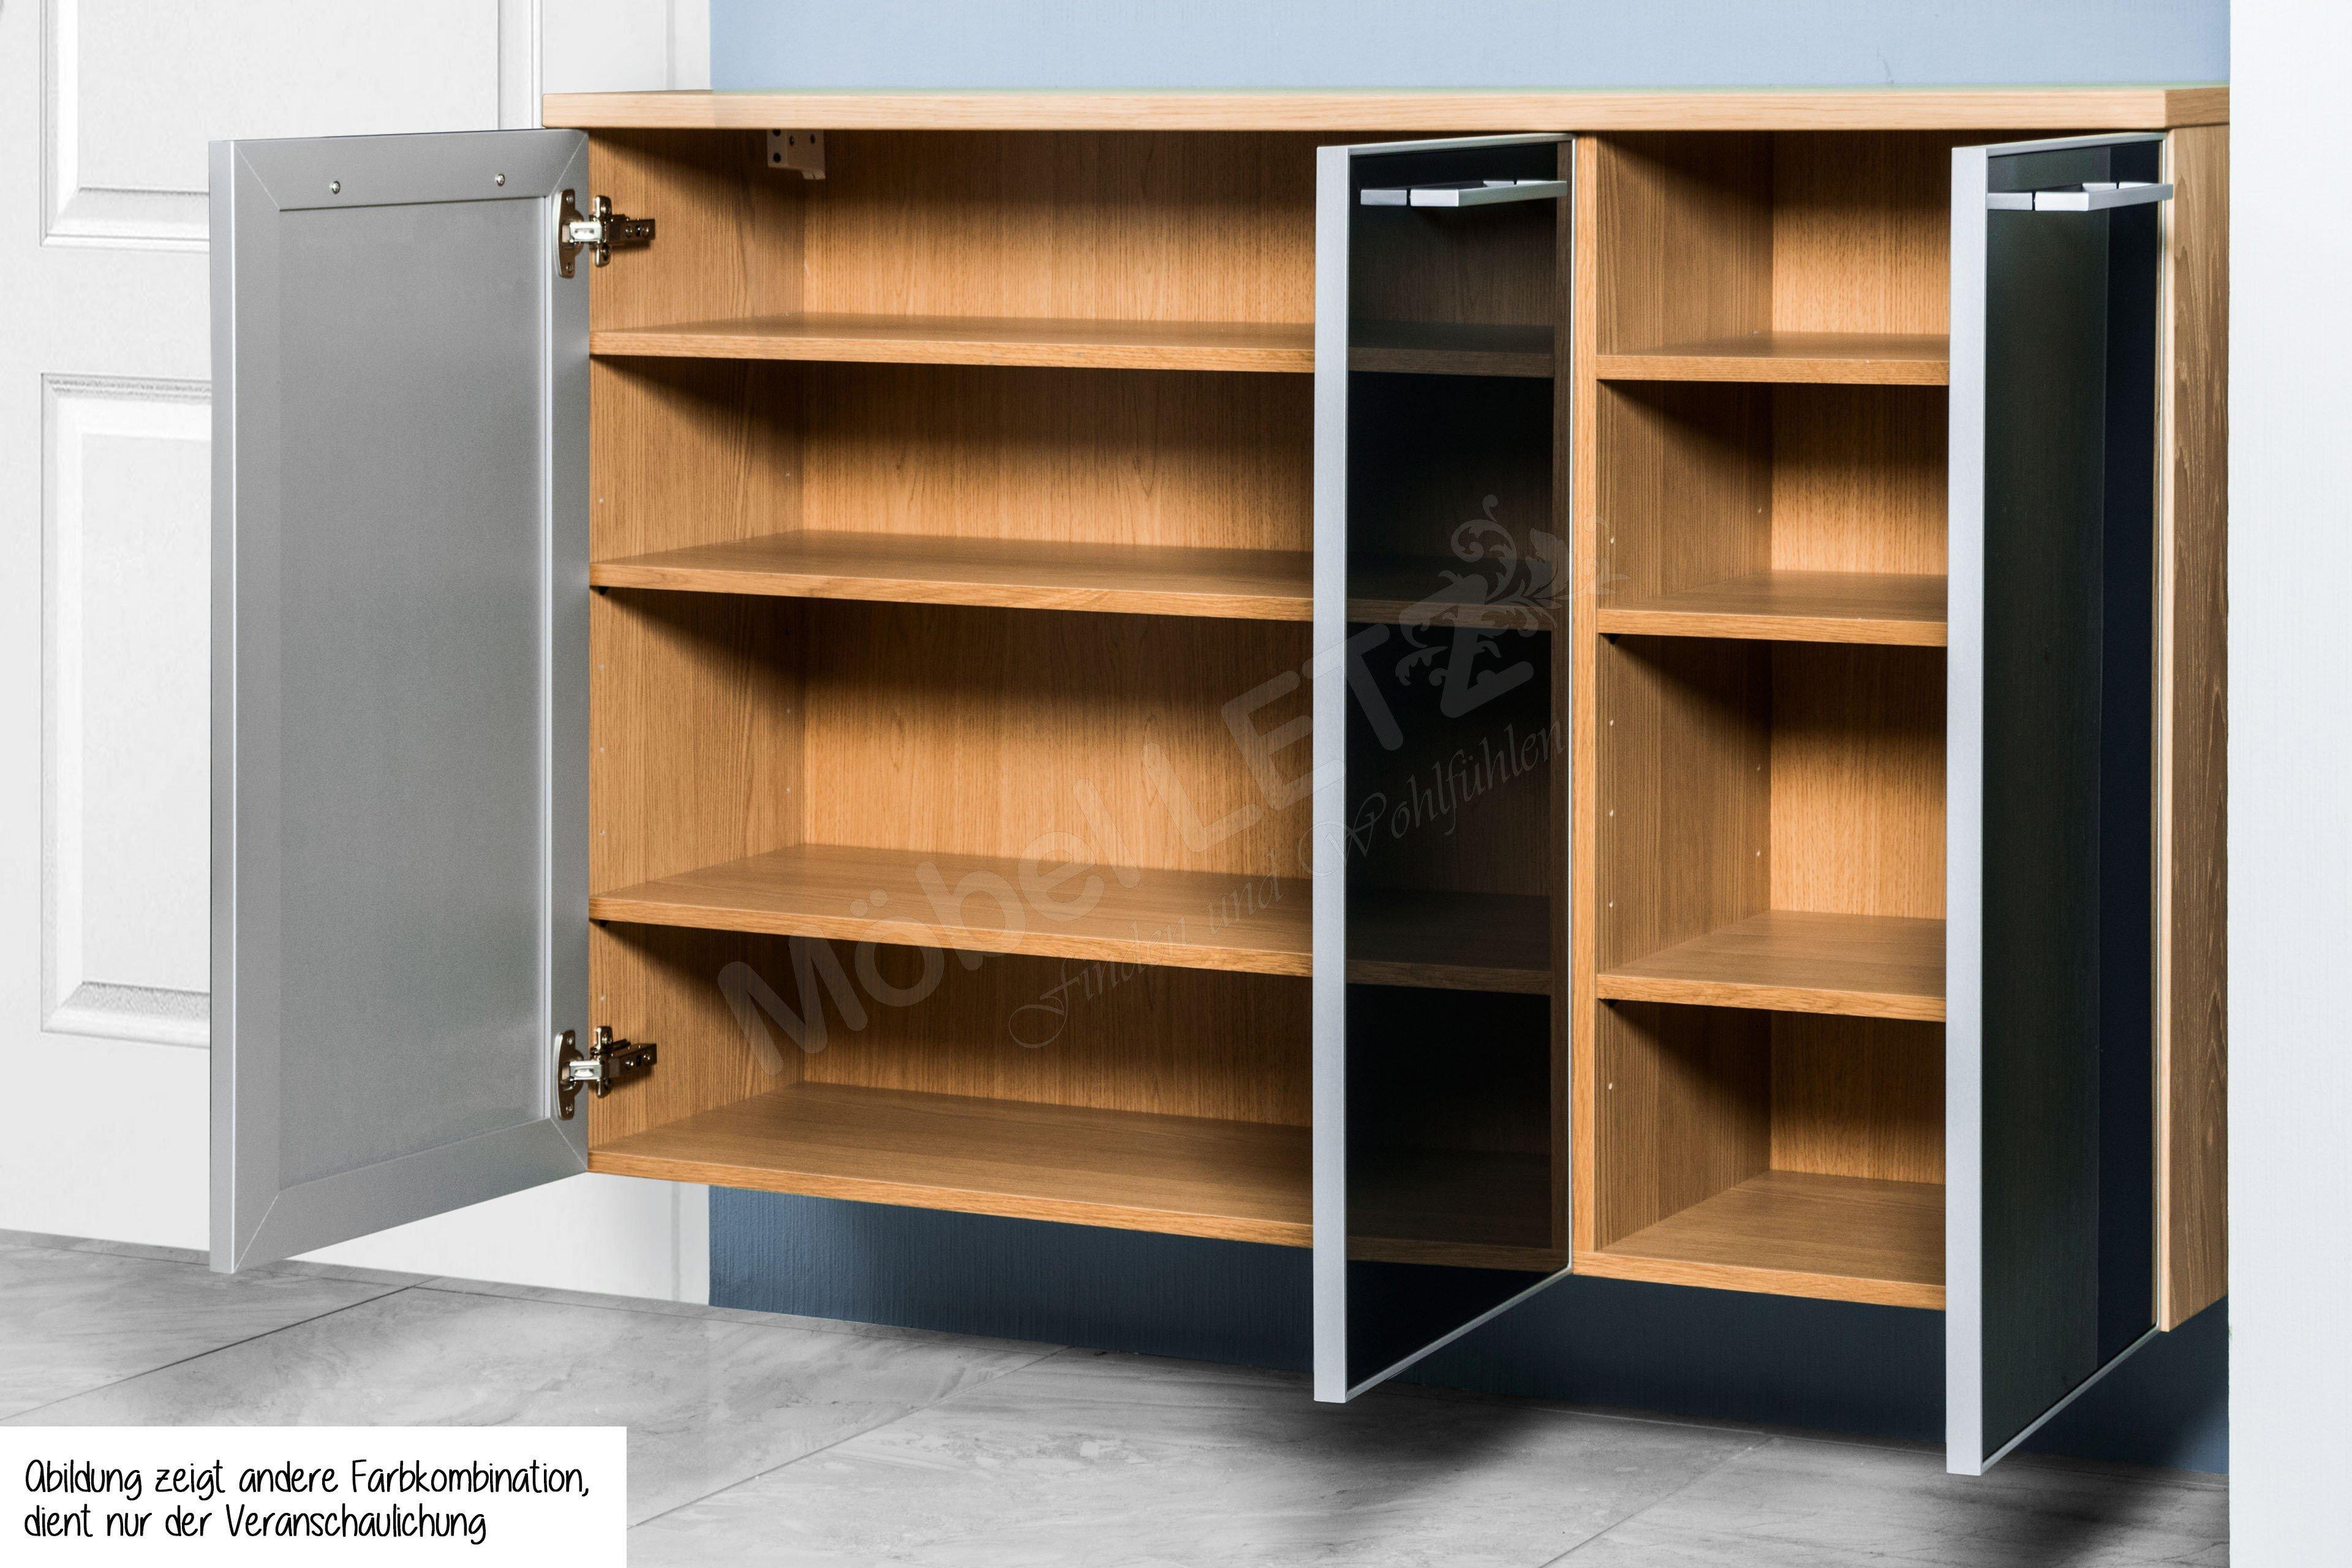 h ngekommode ventina lack wei glas wei voss m bel m bel letz ihr online shop. Black Bedroom Furniture Sets. Home Design Ideas